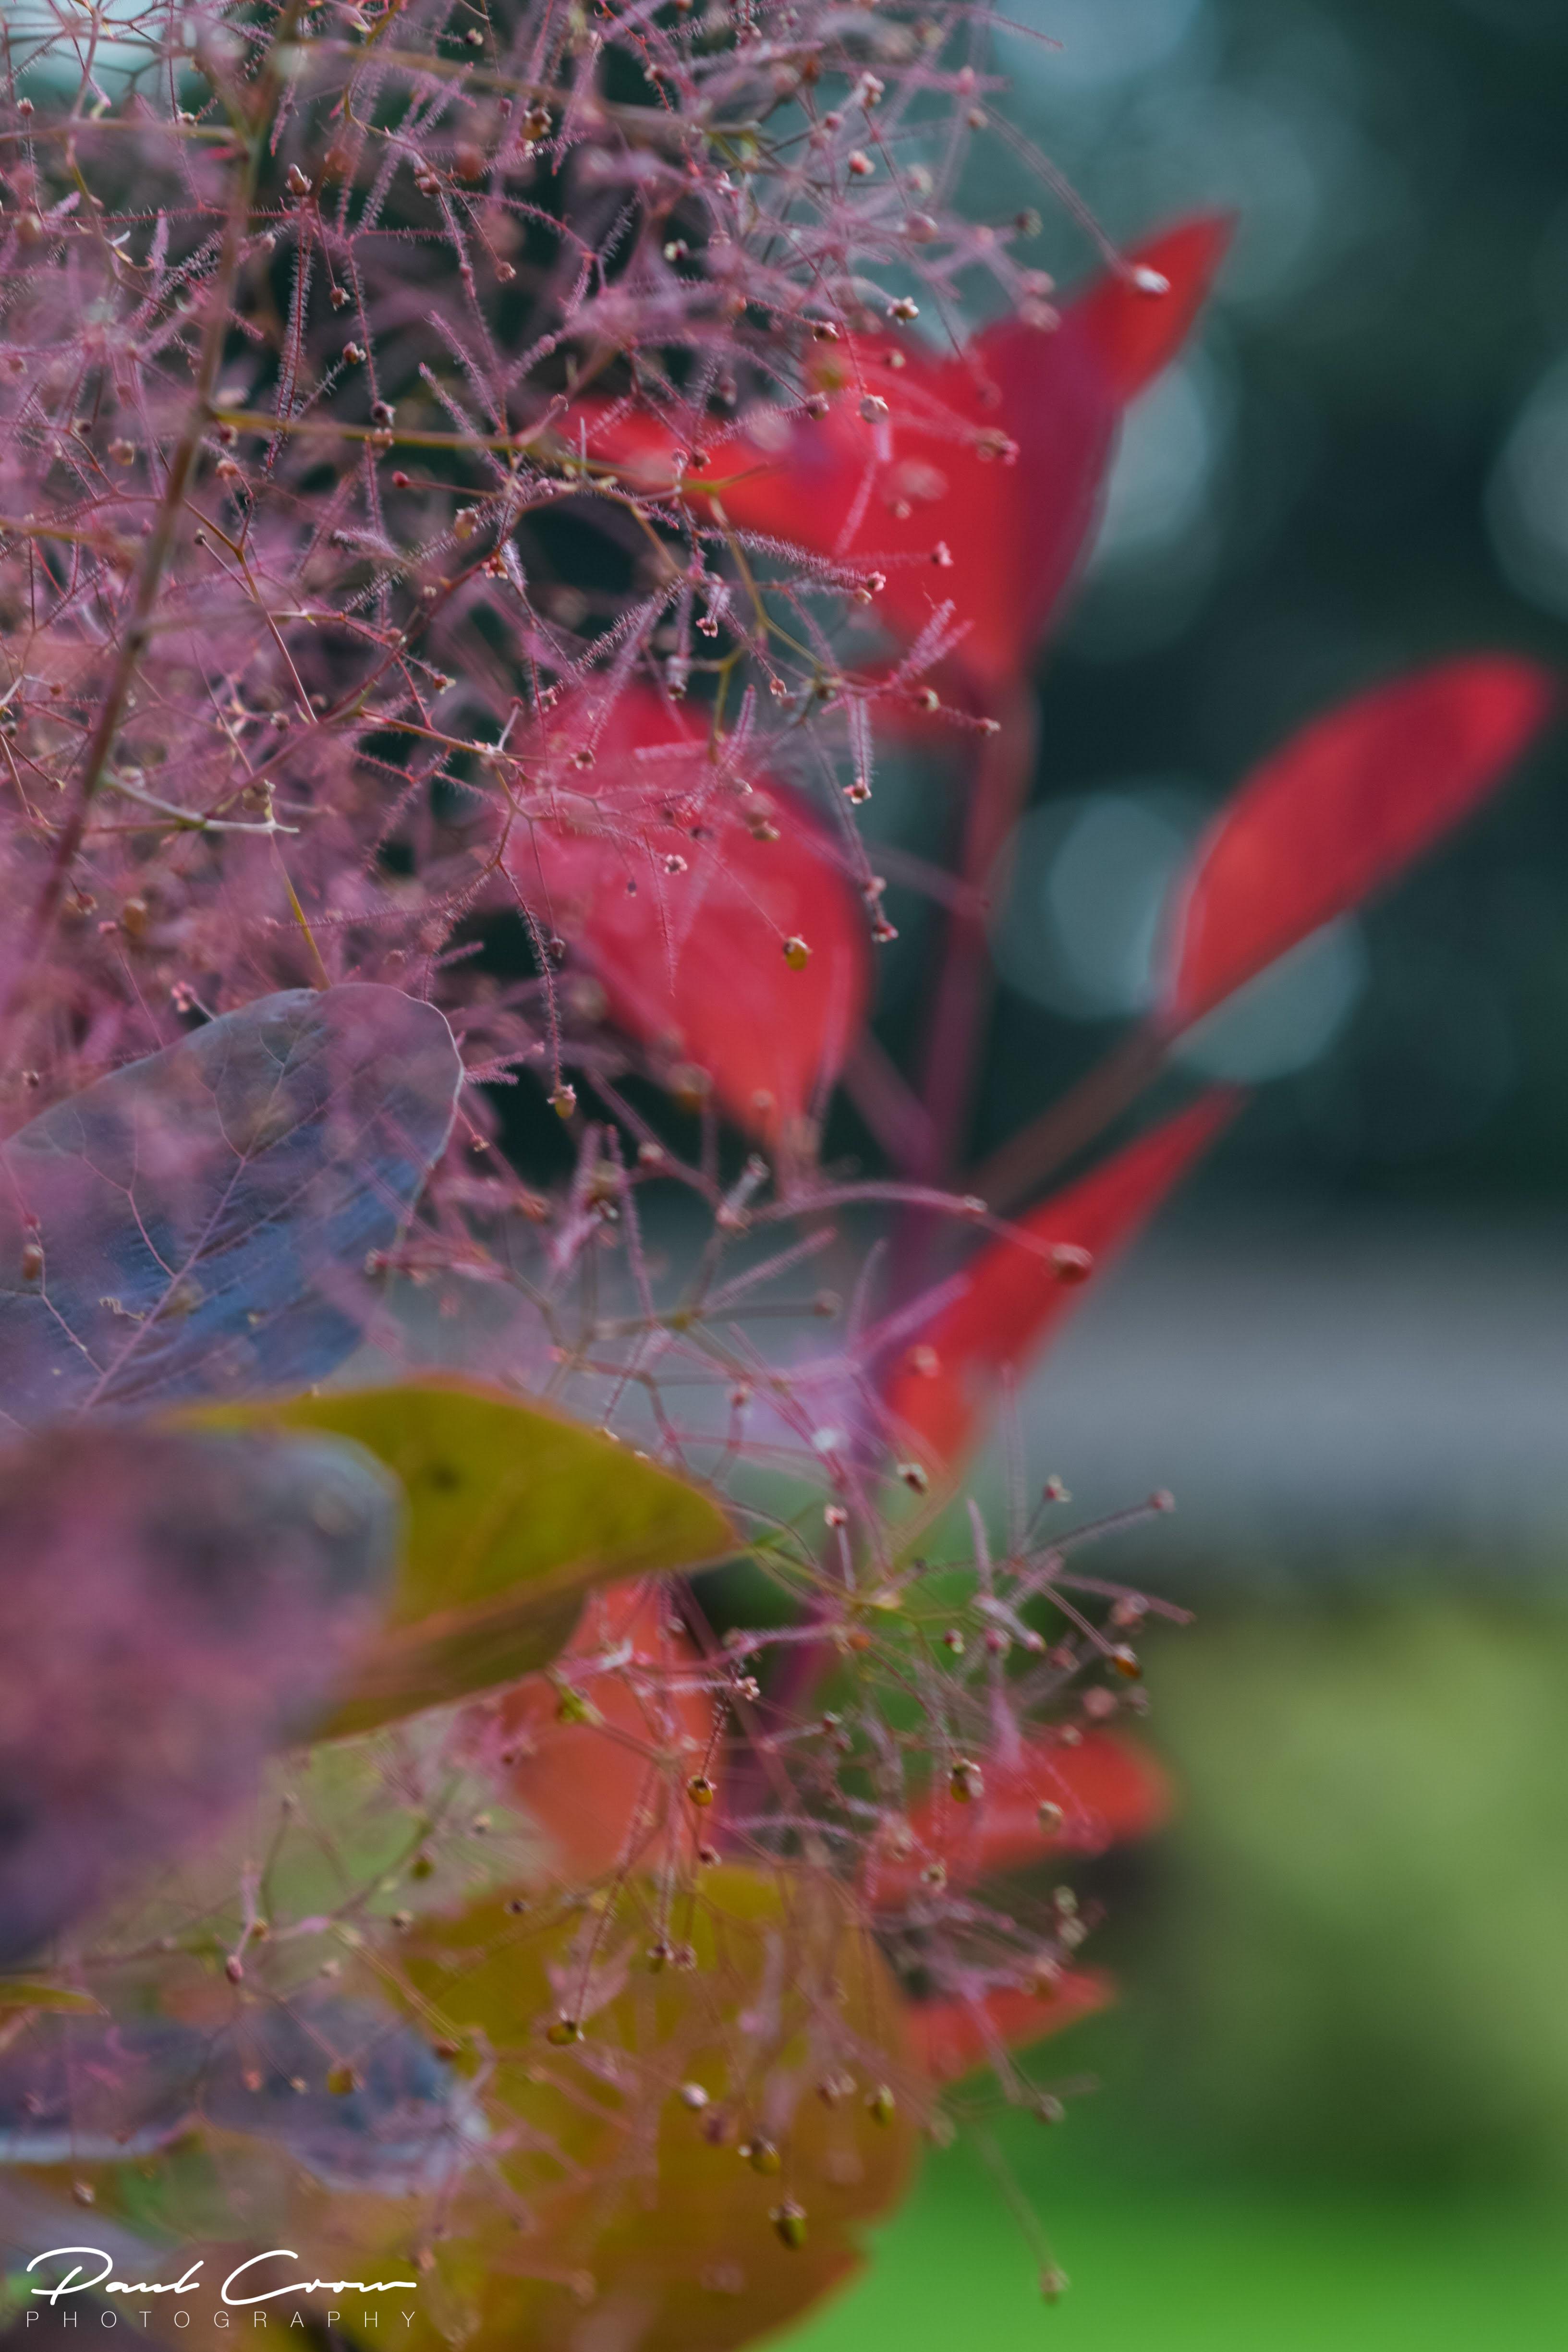 Fairytale Leaves